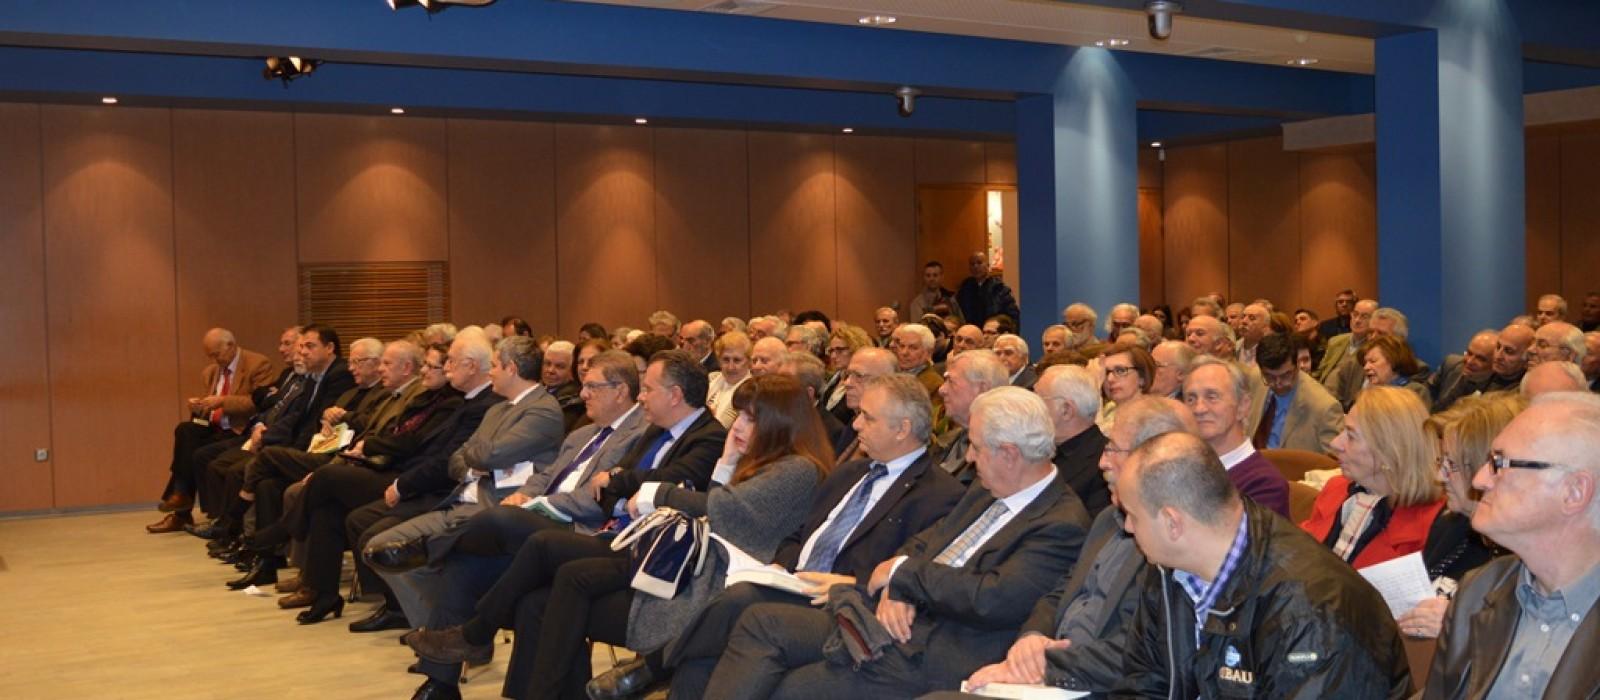 Με εξαιρετική επιτυχία πραγματοποιήθηκε η εκδήλωση παρουσίασης του βιβλίου του Θέρμιου συγγραφέα Γιάννη  Β. Καρύτσα  με τίτλο  ''ΕΠΟΣ ΚΑΙ ΤΡΑΓΩΔΙΑ''